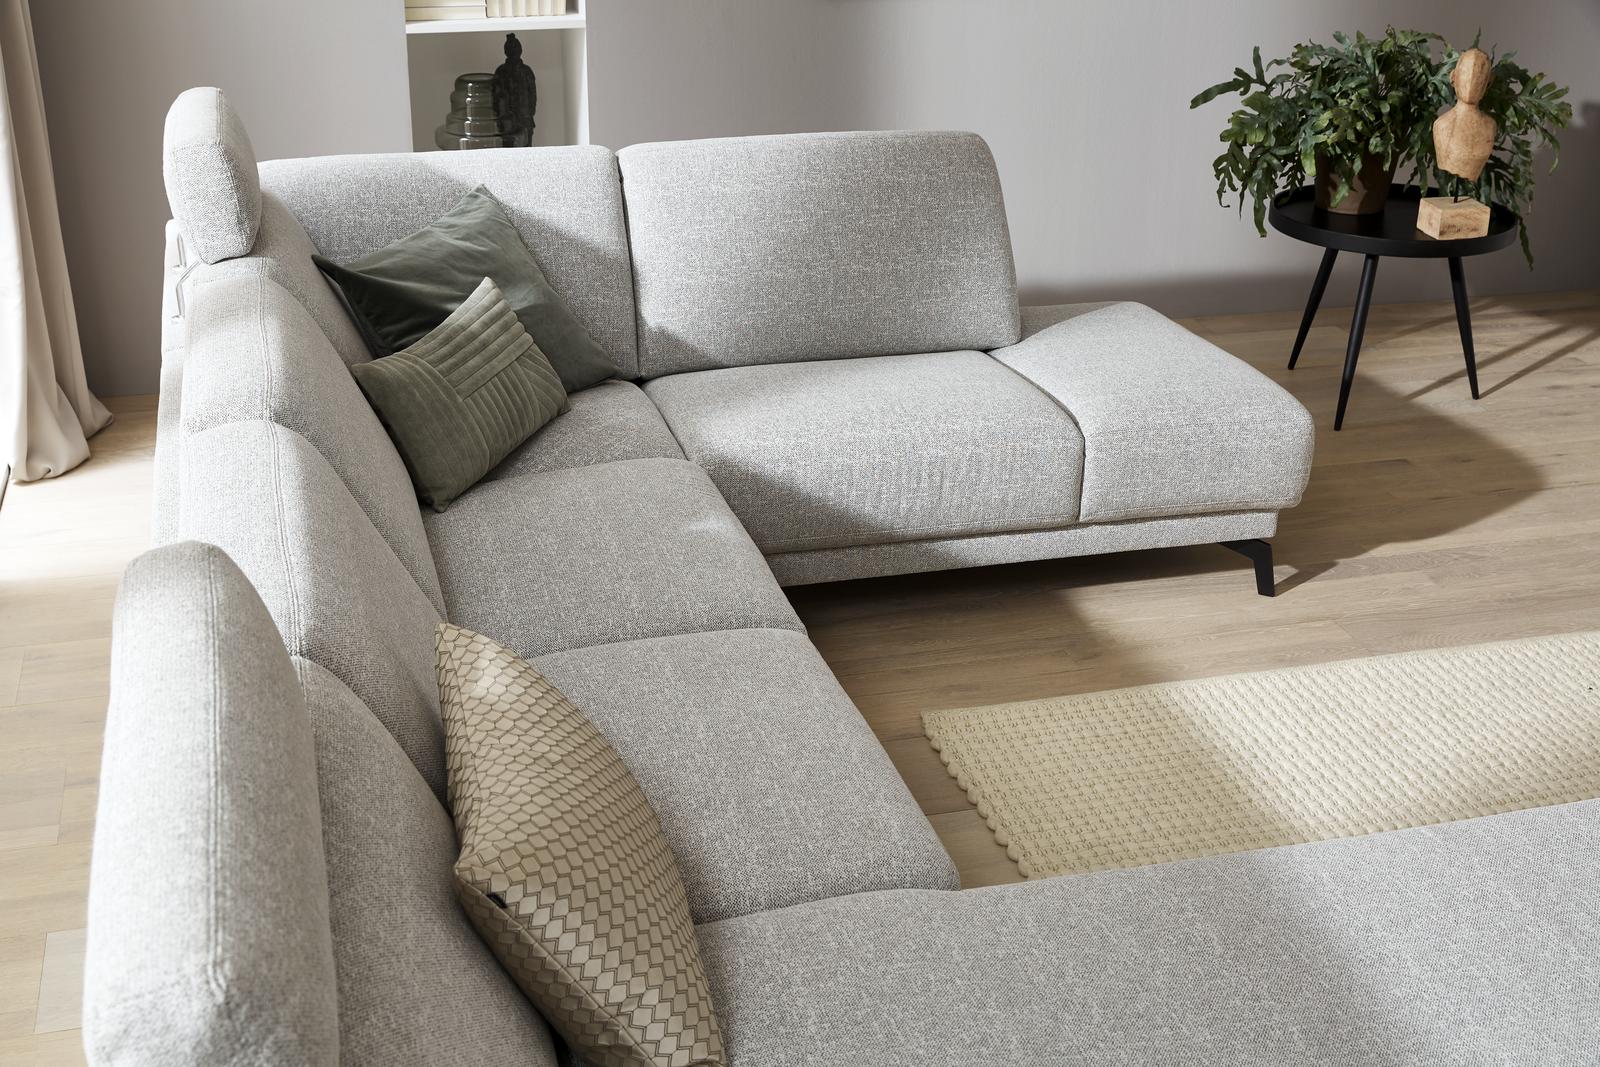 Sitzfläche eines beigen Sofas in U-Form